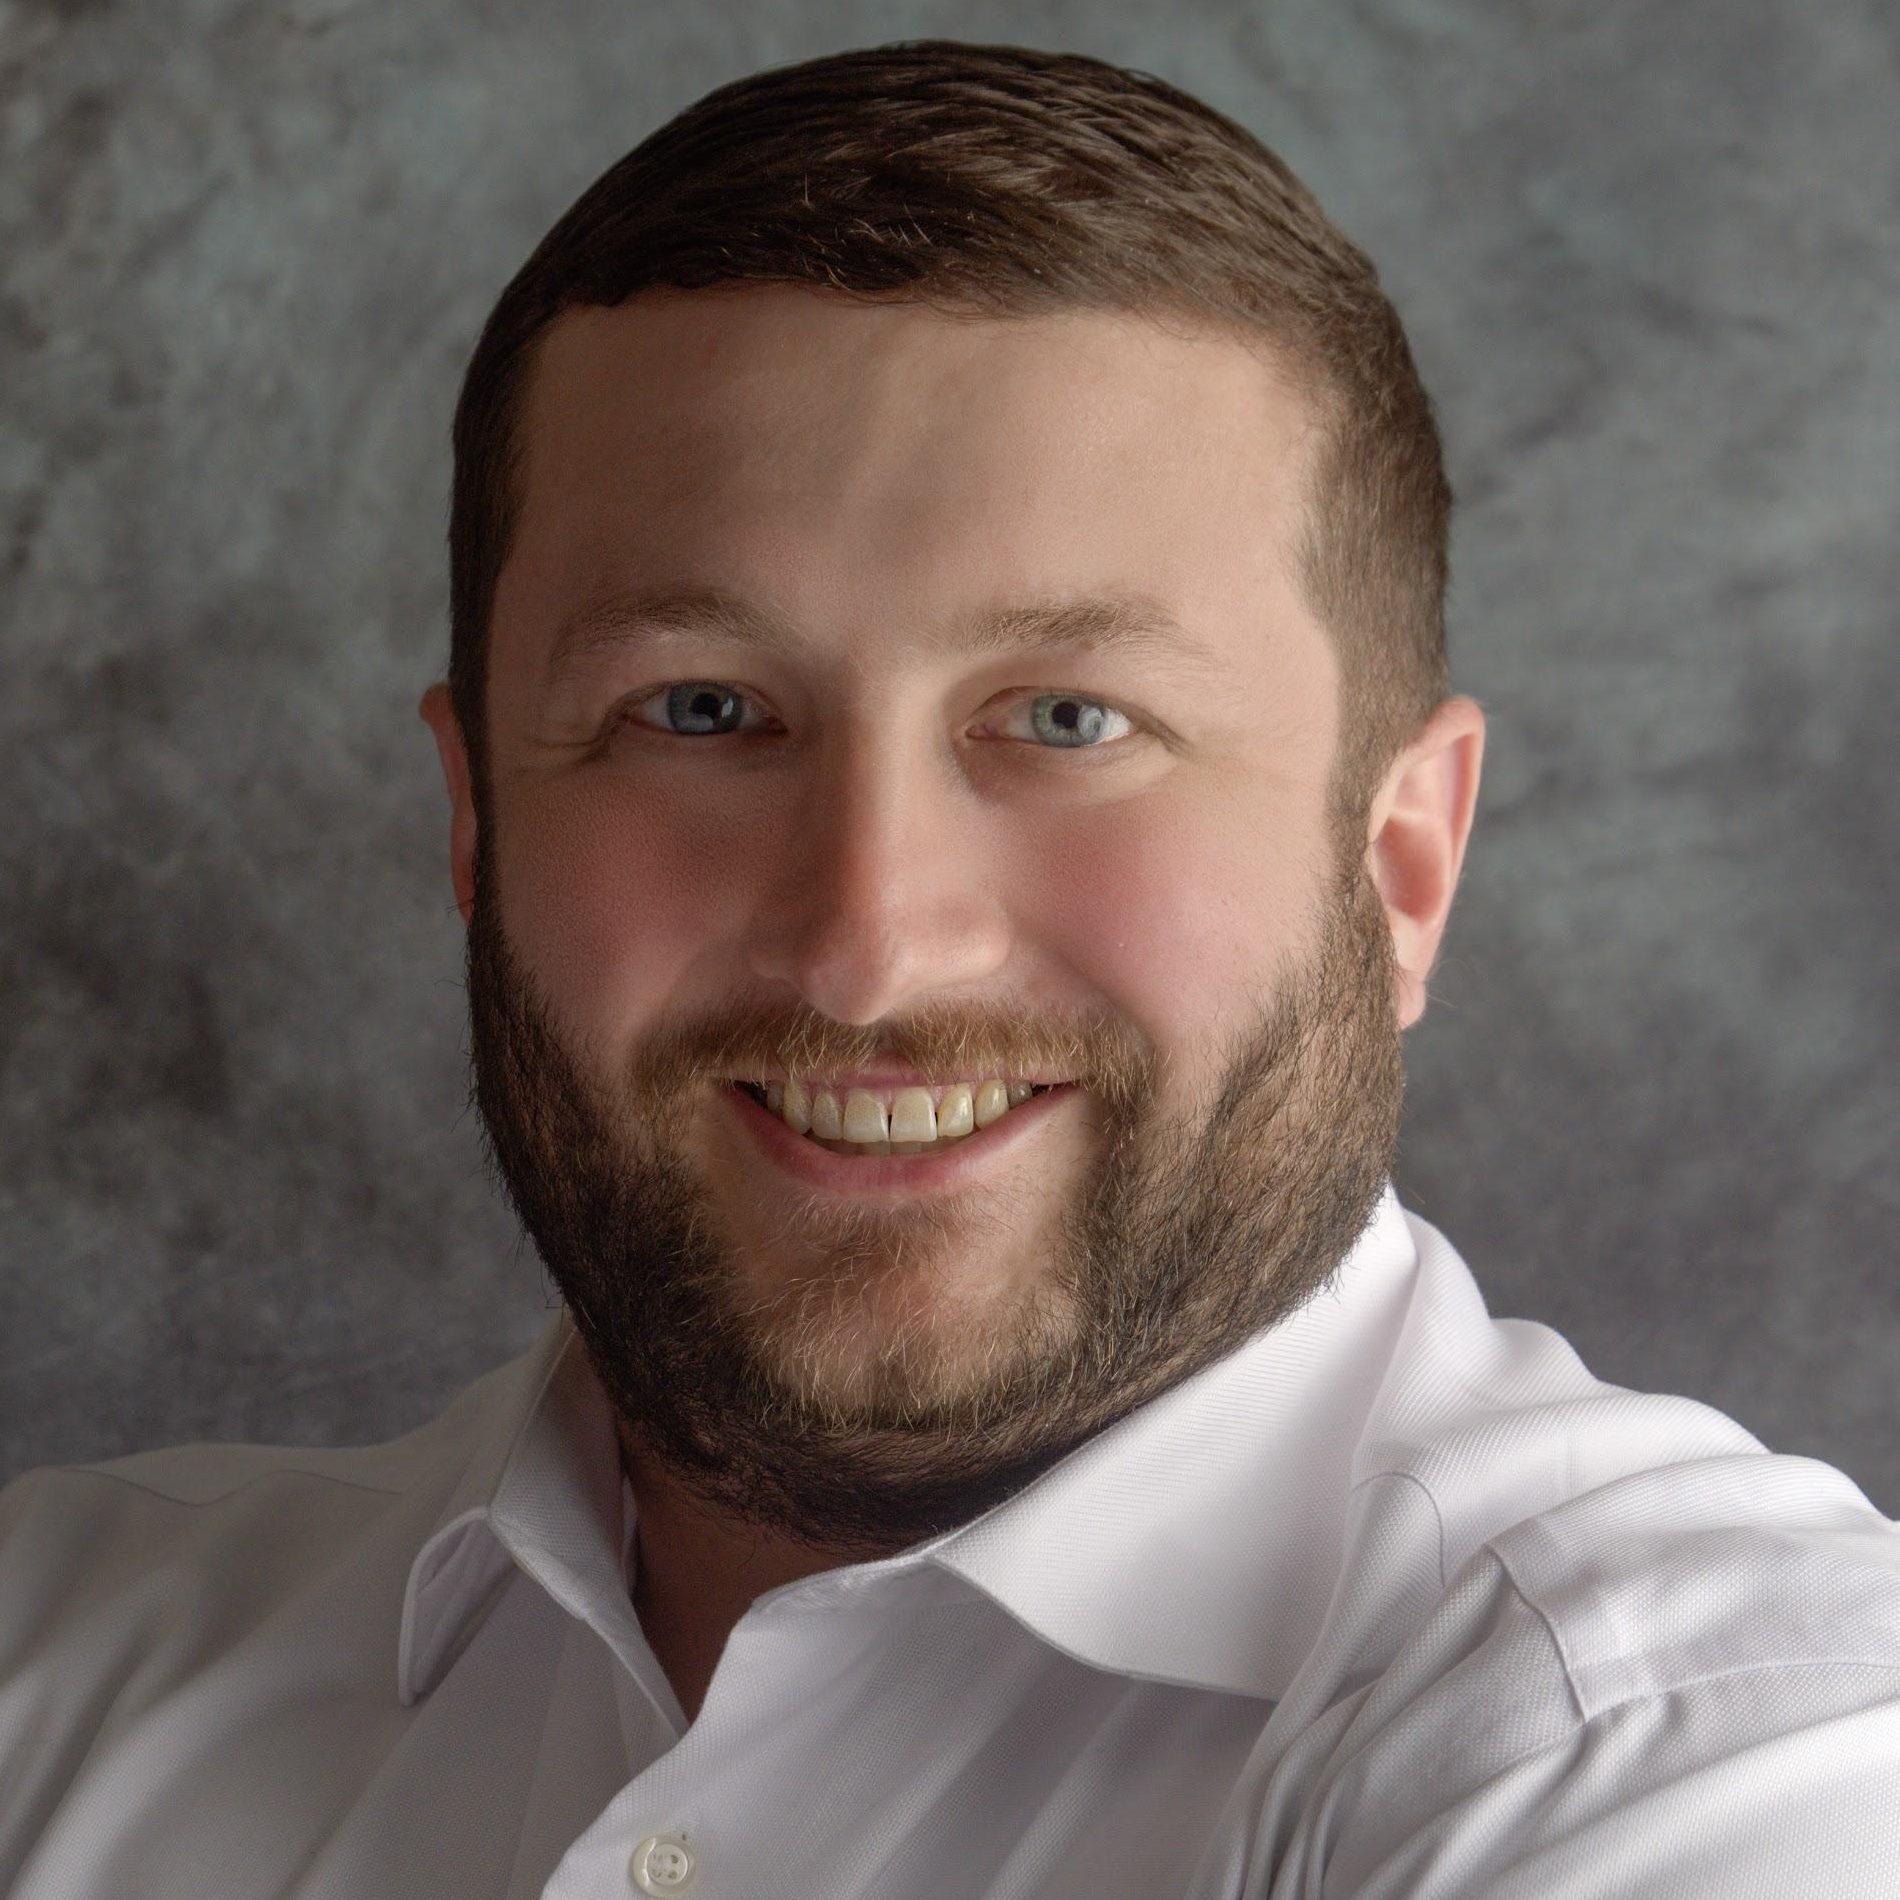 Aaron Hockel